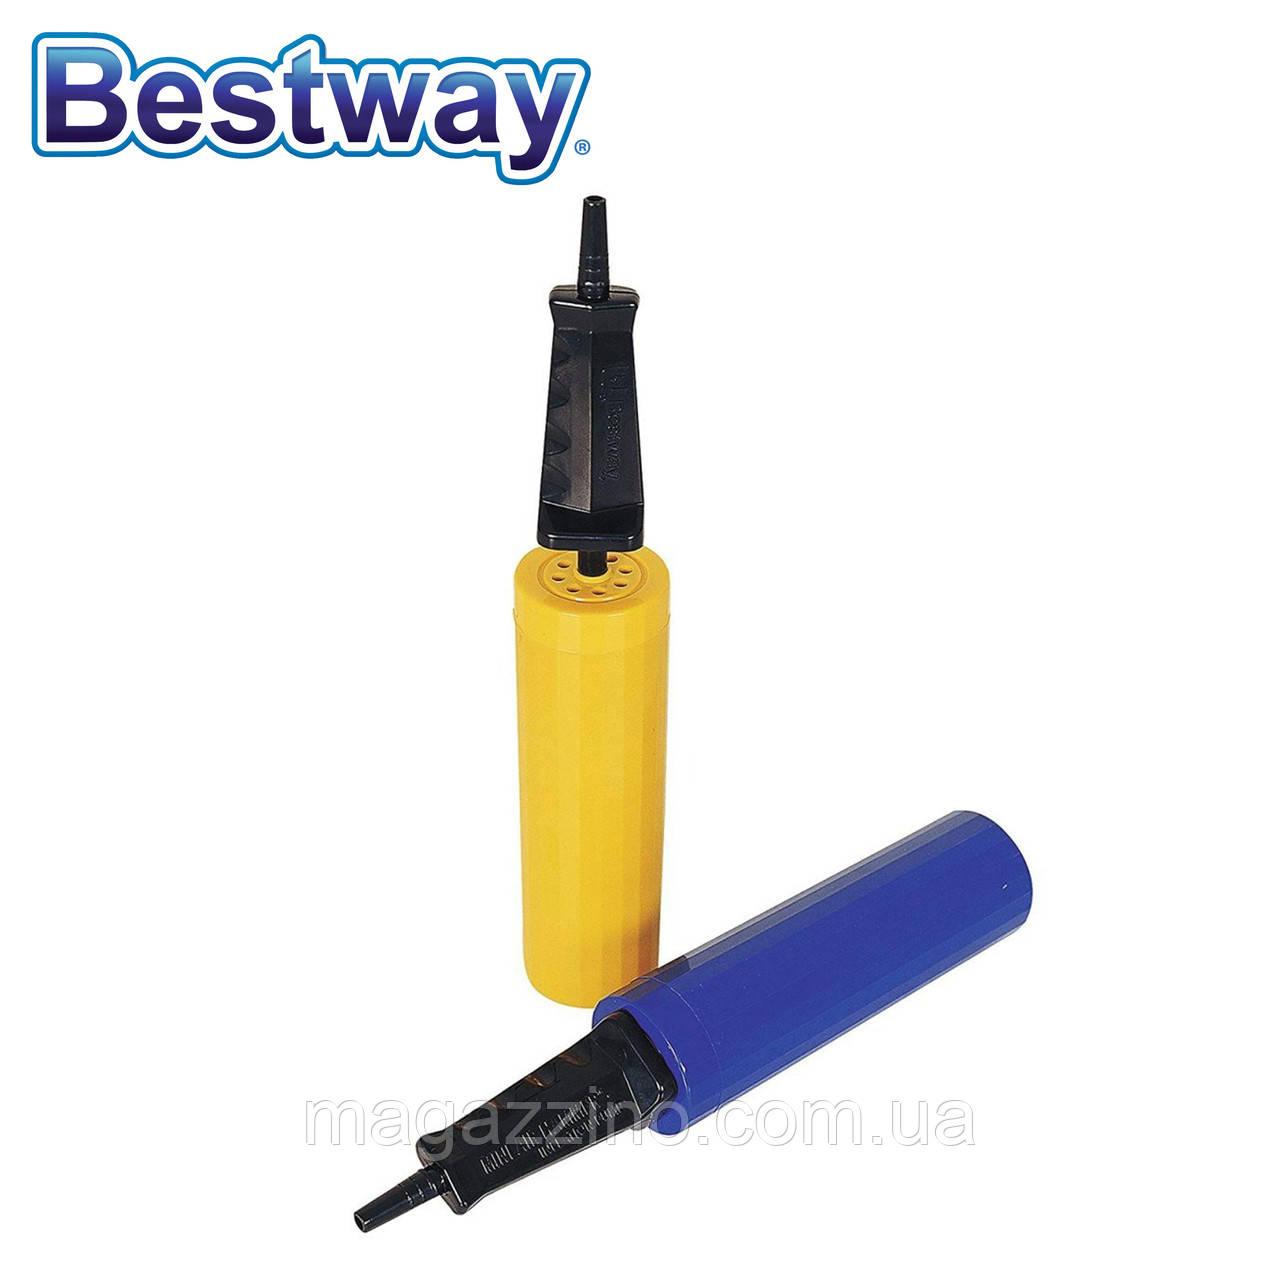 Ручний насос для надування Bestway, 0,45 л.